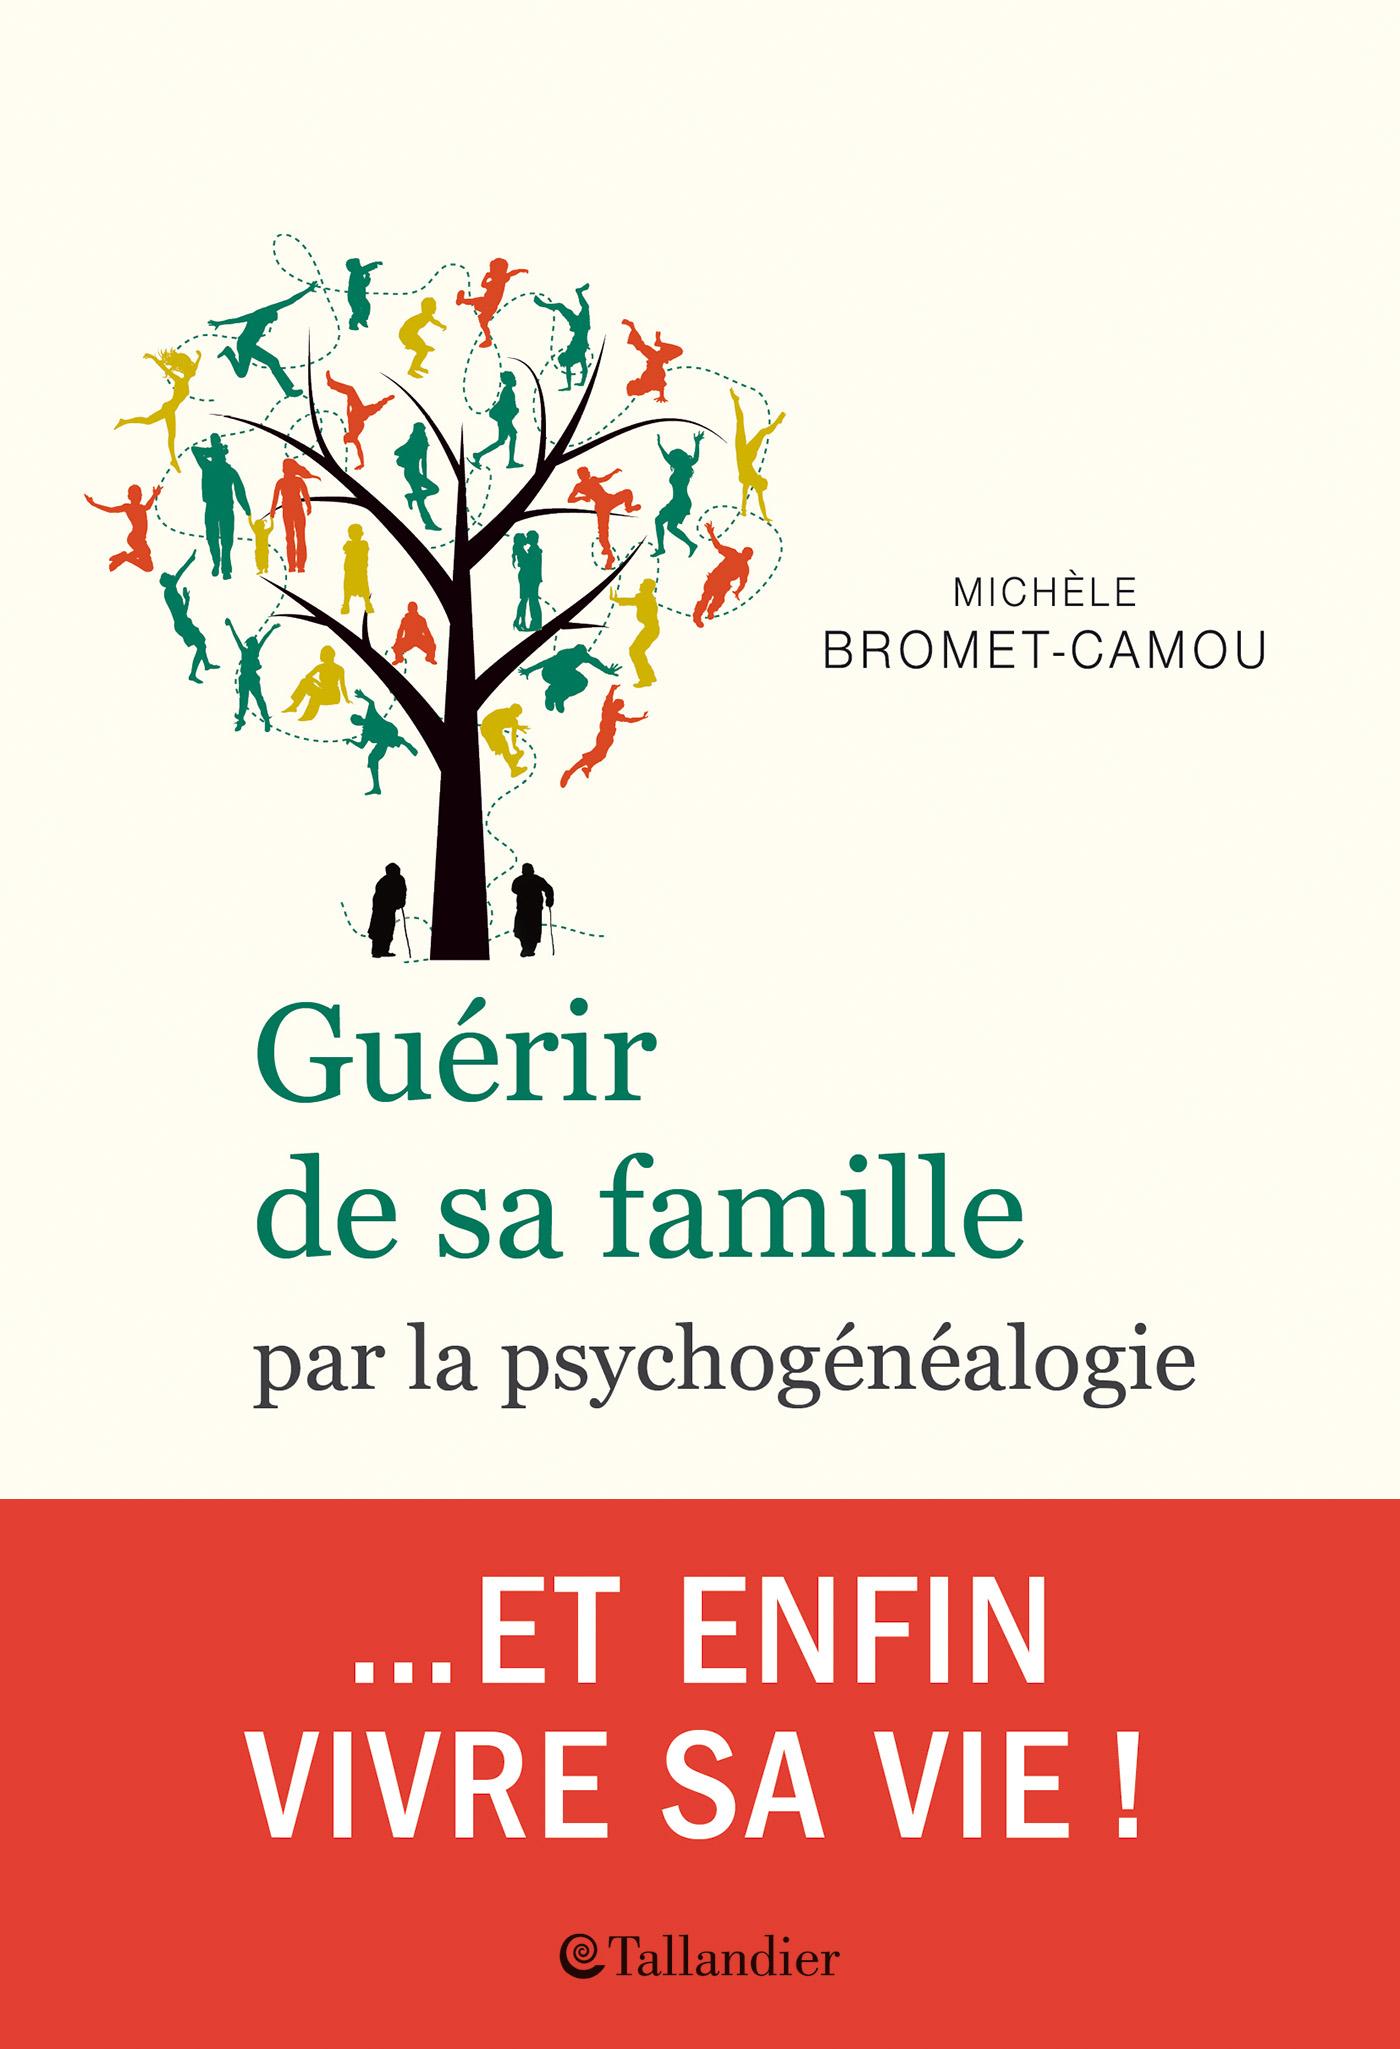 GUERIR DE SA FAMILLE PAR LA PSYCHOGENEALOGIE